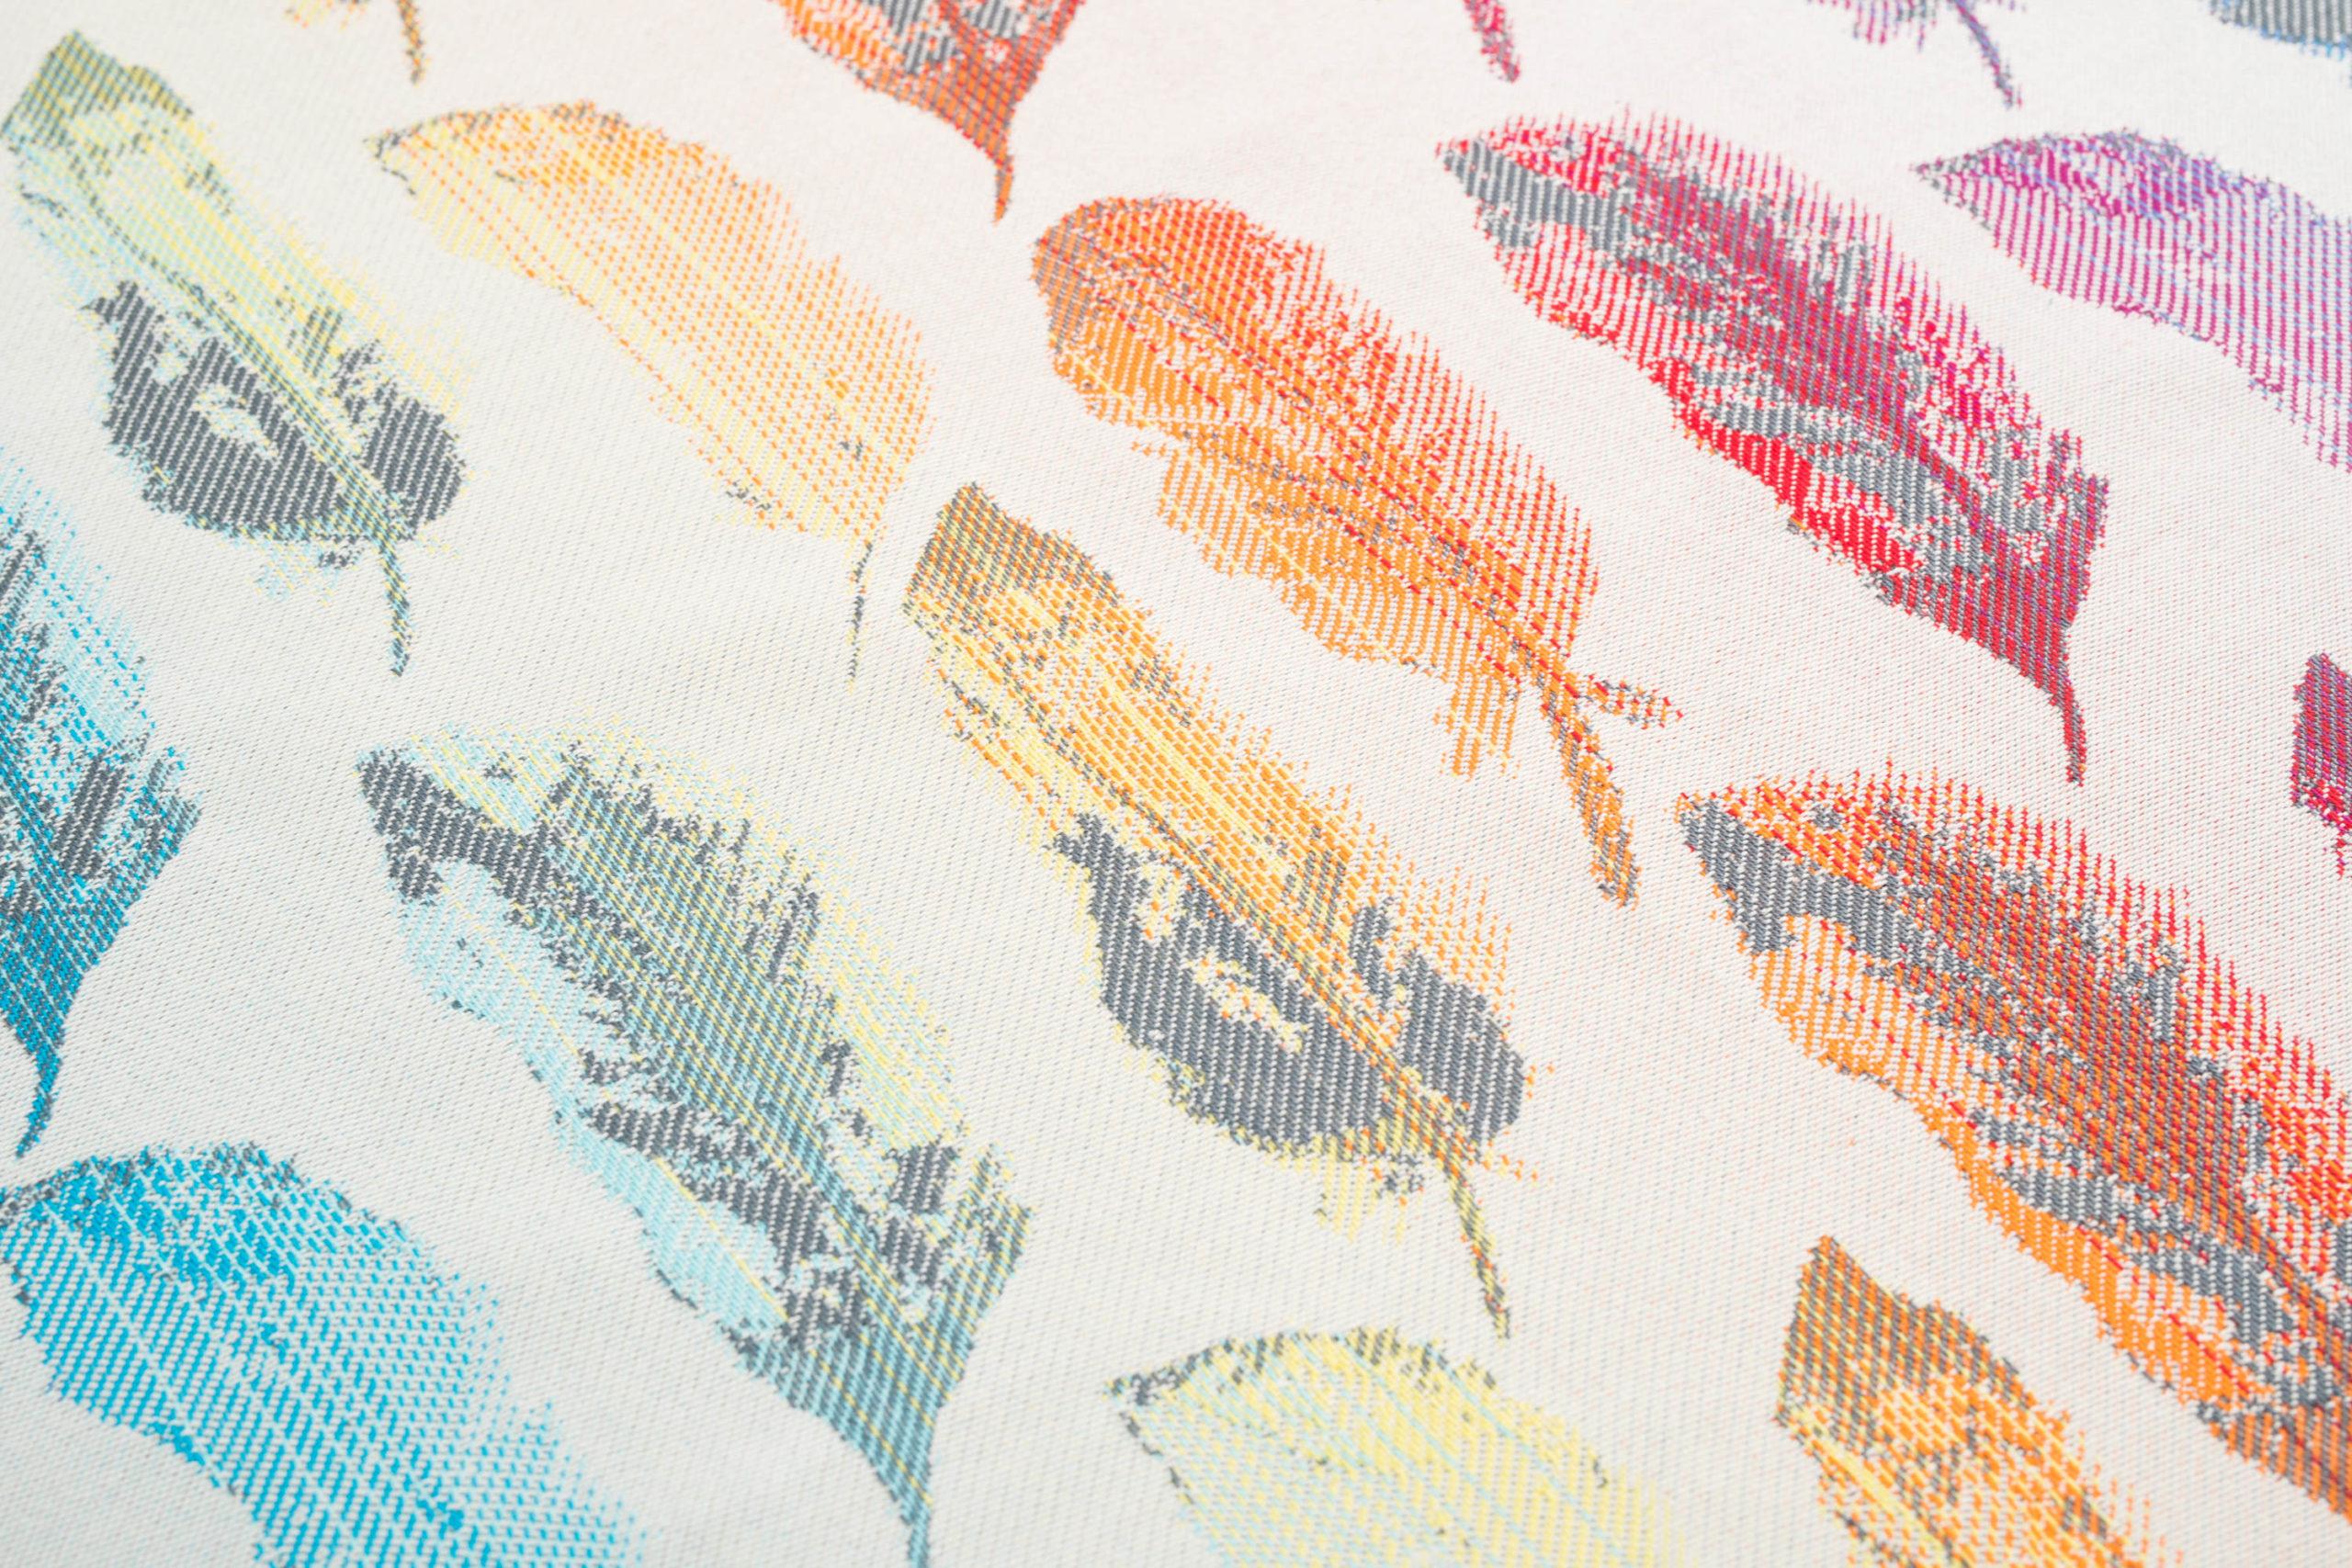 Mr X Fullbuckle Gr. 1 - Painted Feathers Rainbow Light